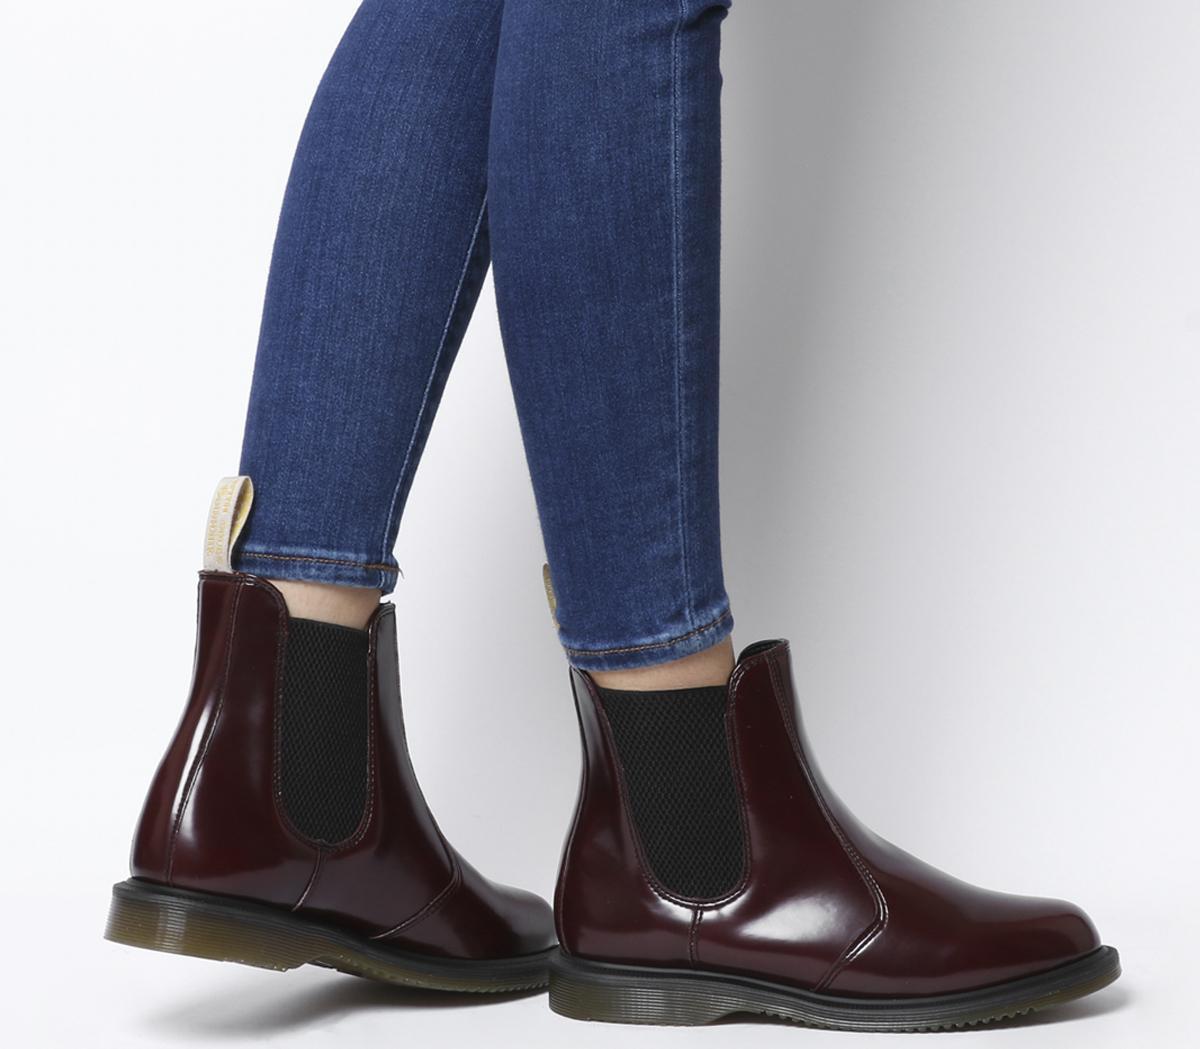 Dr. Martens Vegan Flora Chelsea Boots